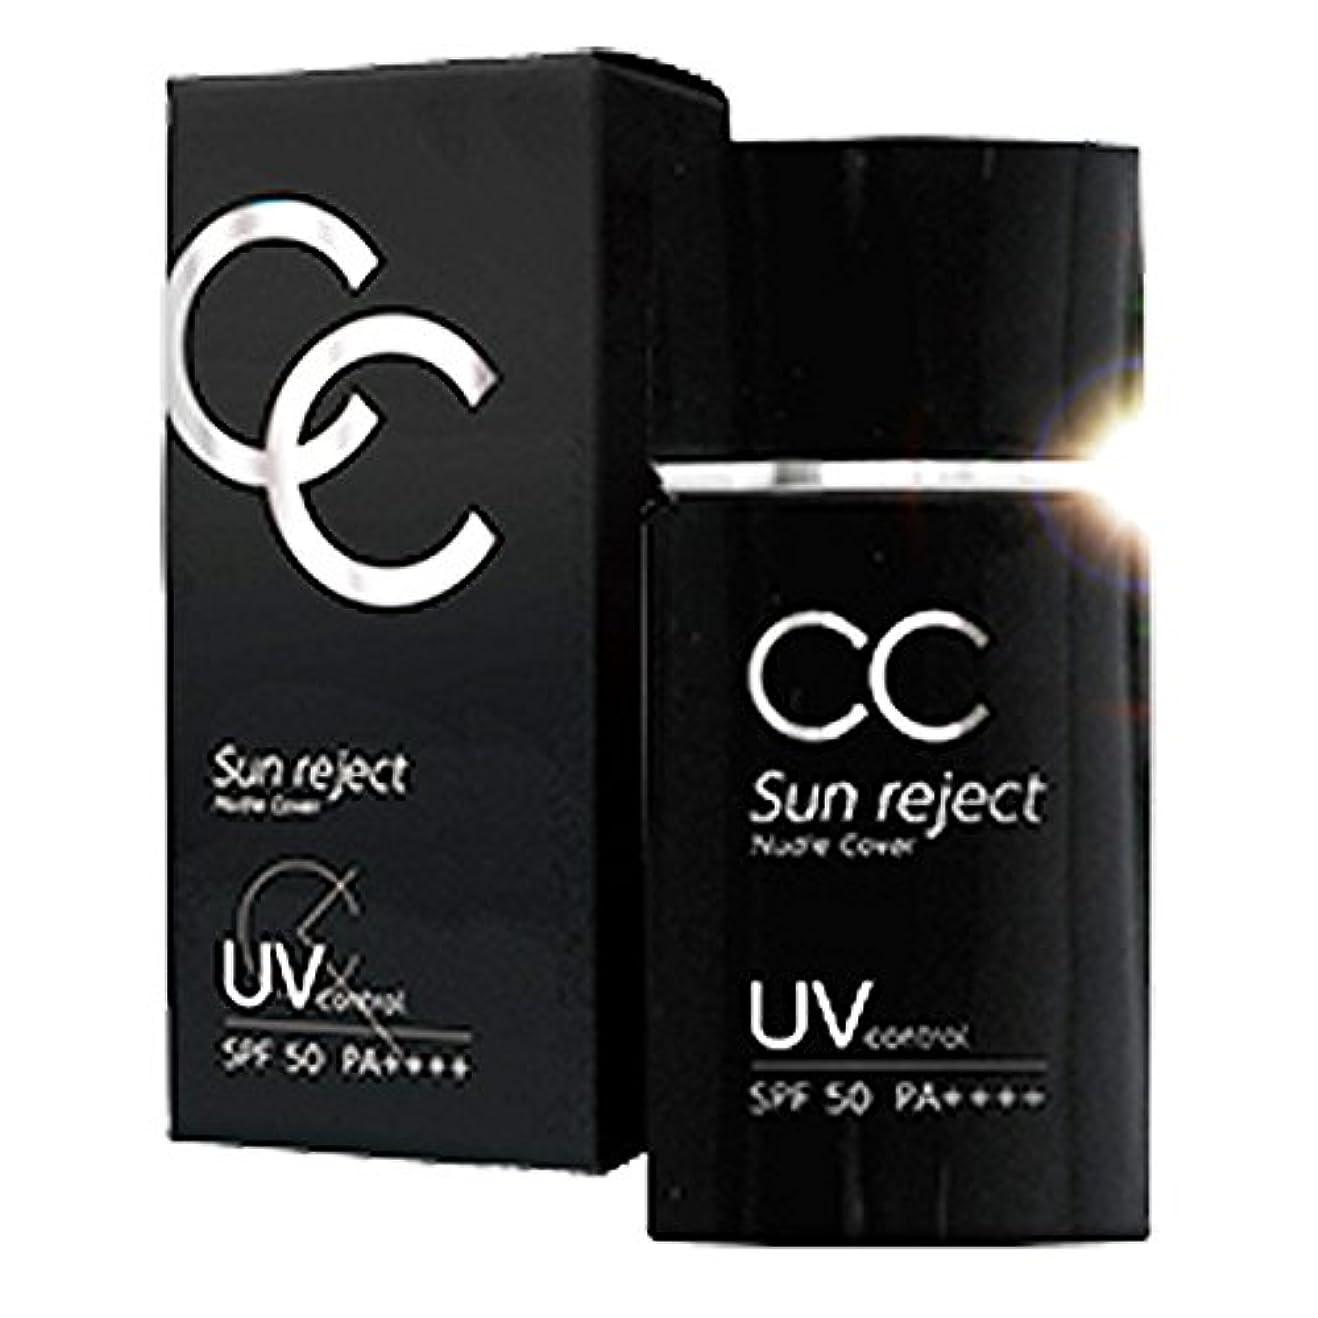 セージ満たす不屈エヴリワン UV control サンリジェクト Nudie Cover 30ml